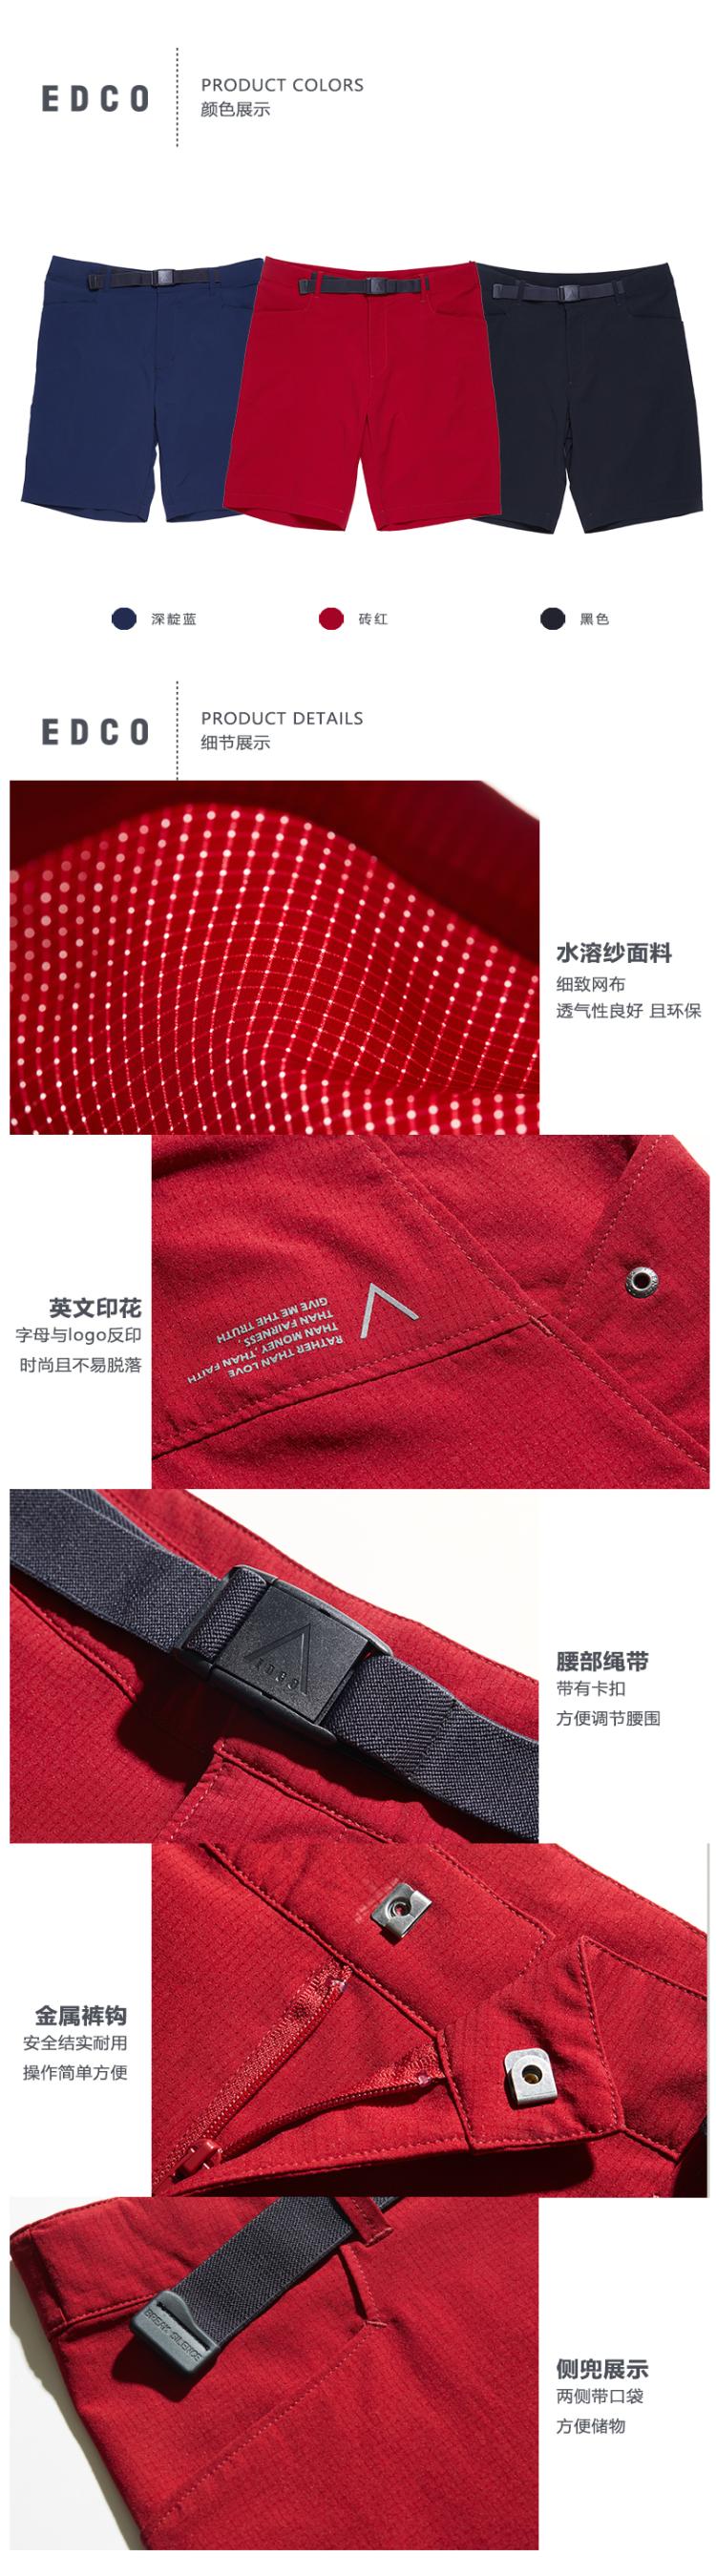 机能户外潮牌 艾德克EDCO 男透气速干短裤 五分裤 配腰带 图3